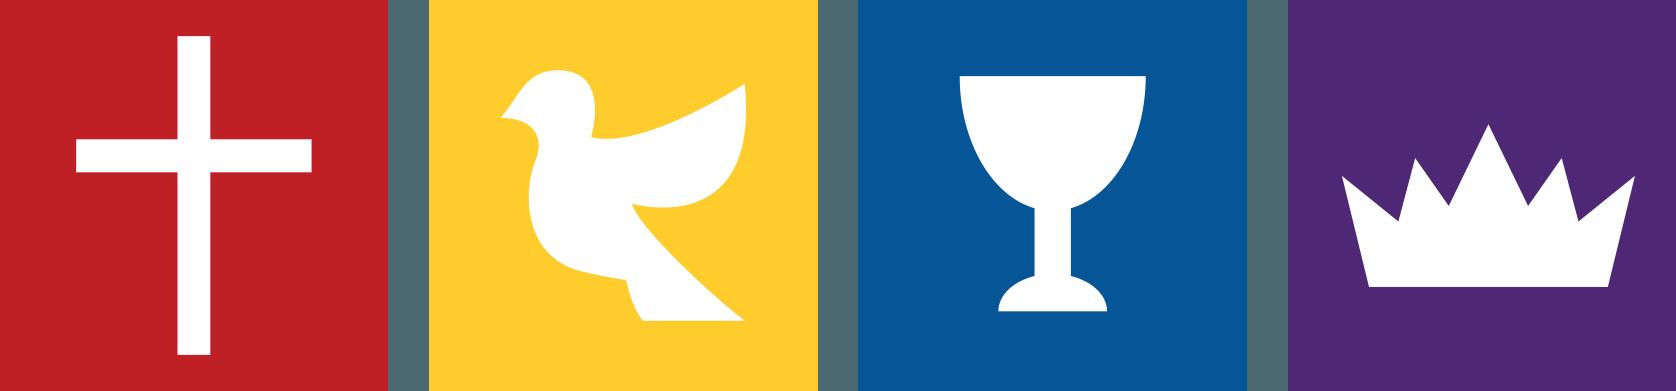 Foursquare Church Logo.